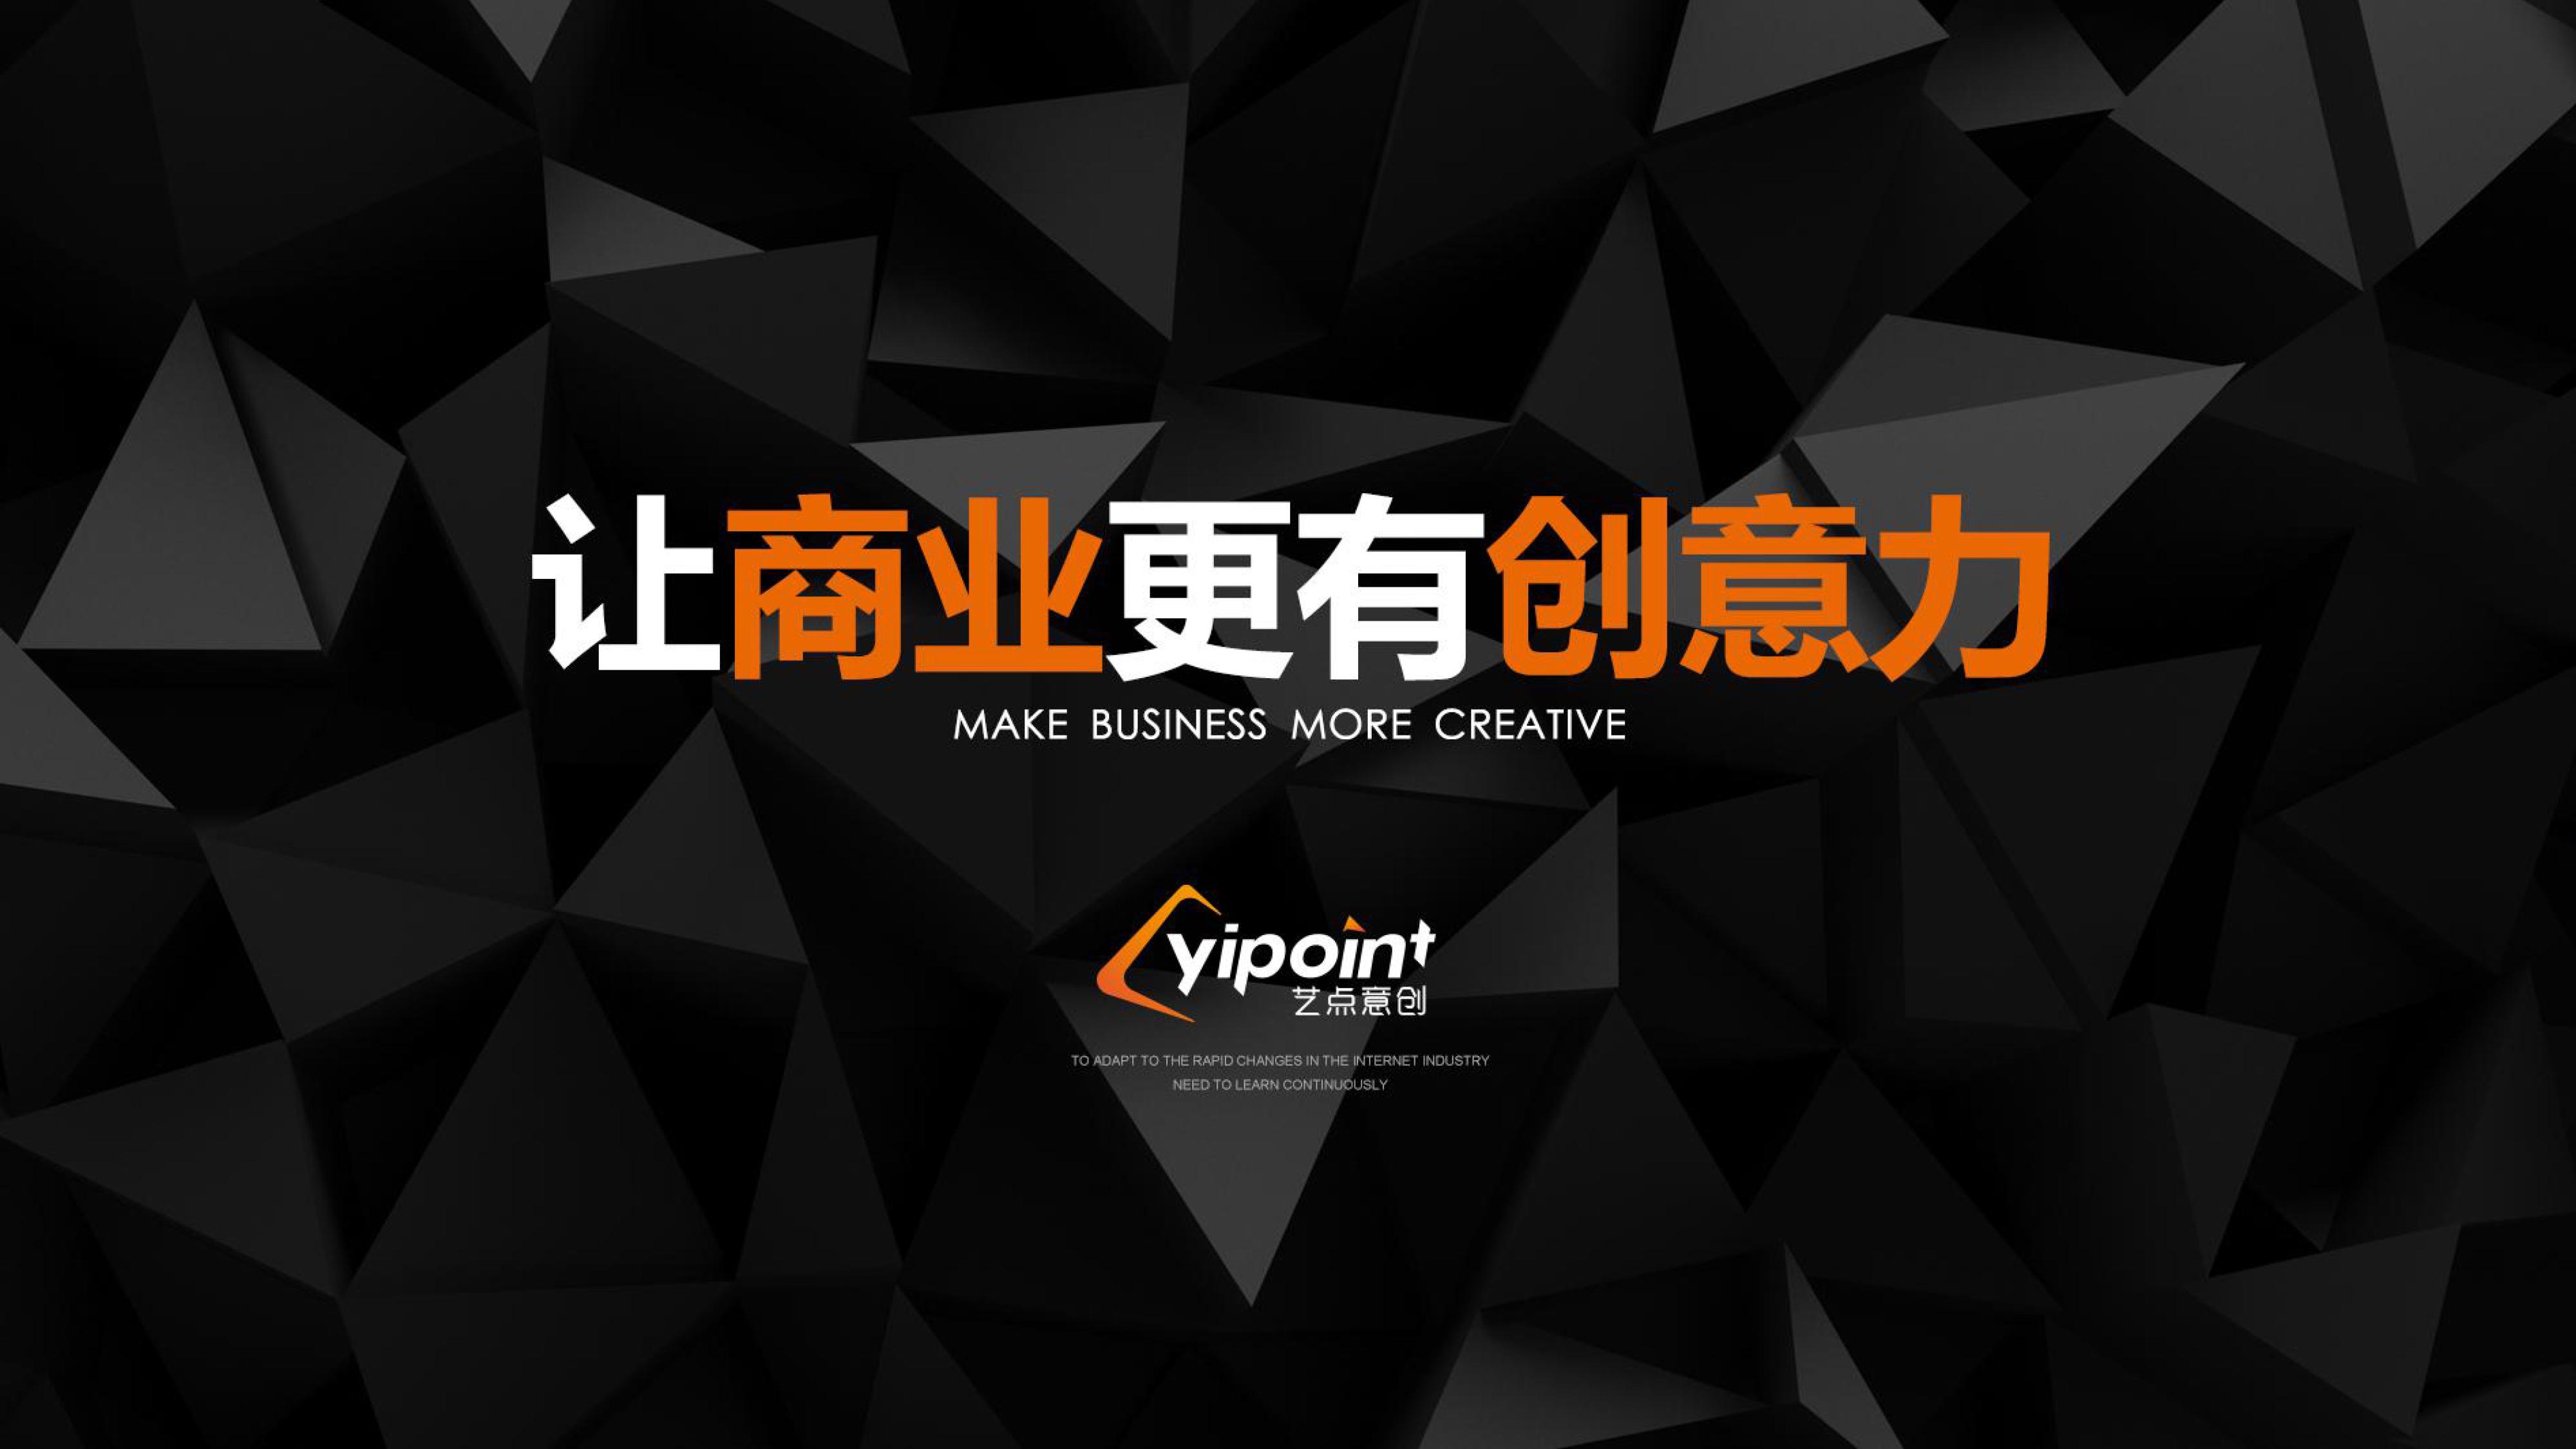 华夏航空Q3Q4品牌整合推广方案